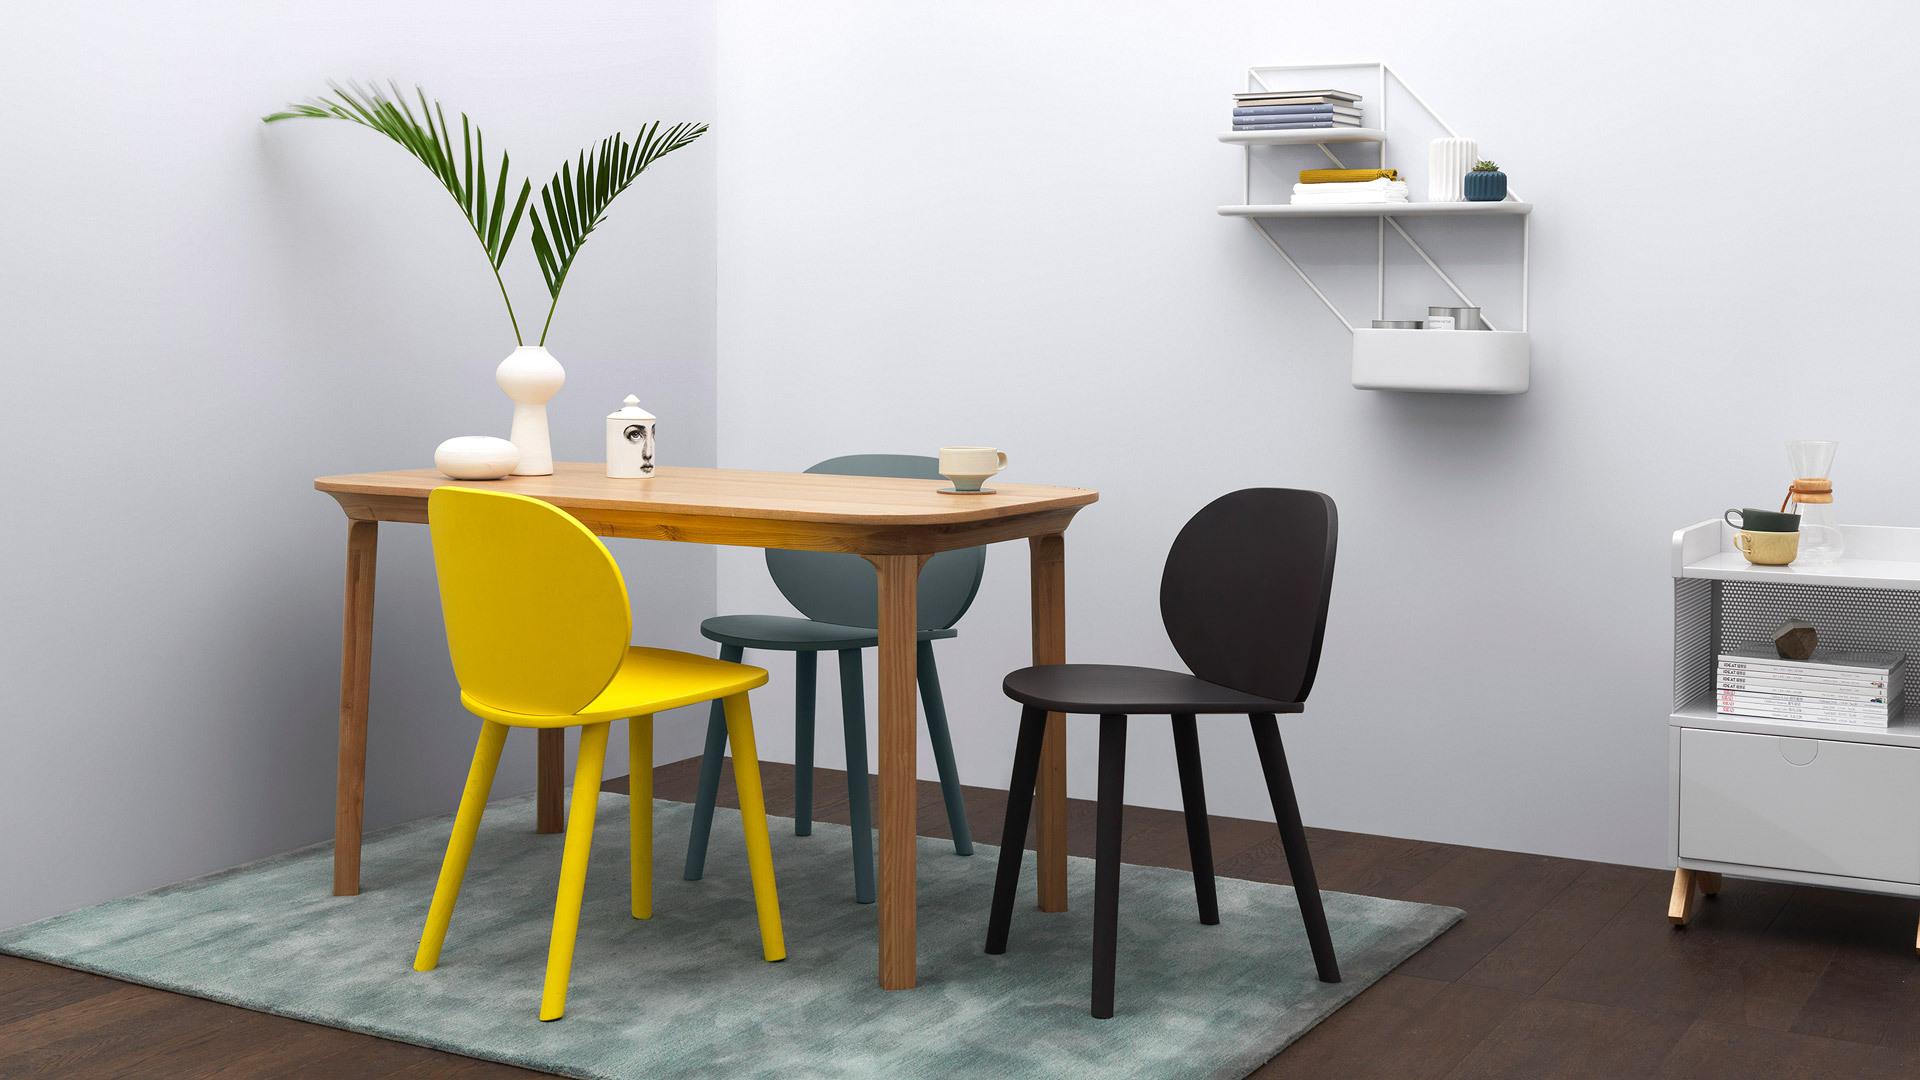 豌豆椅、星云置物系、赋格小柜,搭配瓦檐餐桌,打造一处精致餐区,圆弧曲线相互呼应,一抹鲜亮柠黄提亮围坐氛围,优雅用餐仪式立添俏皮情趣。